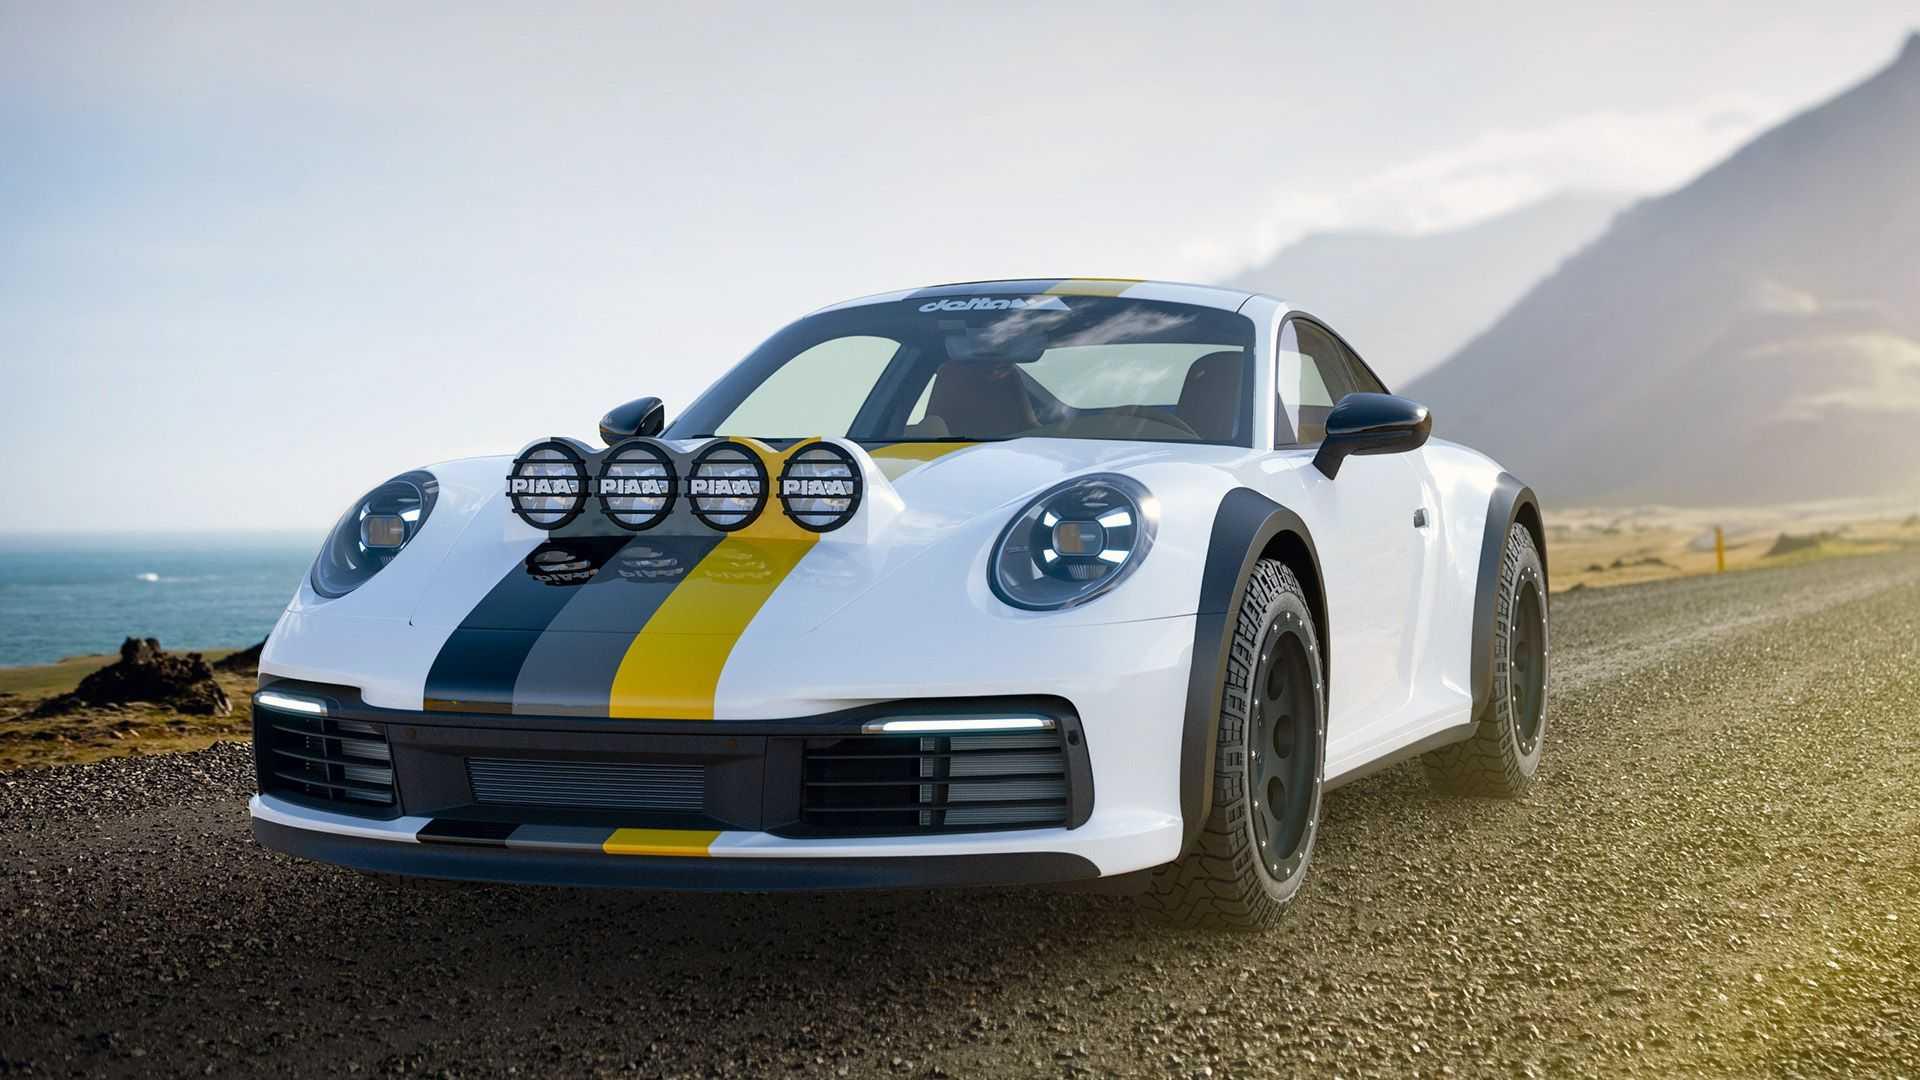 Porsche-911-992-4S-by-Delta-4x4-2